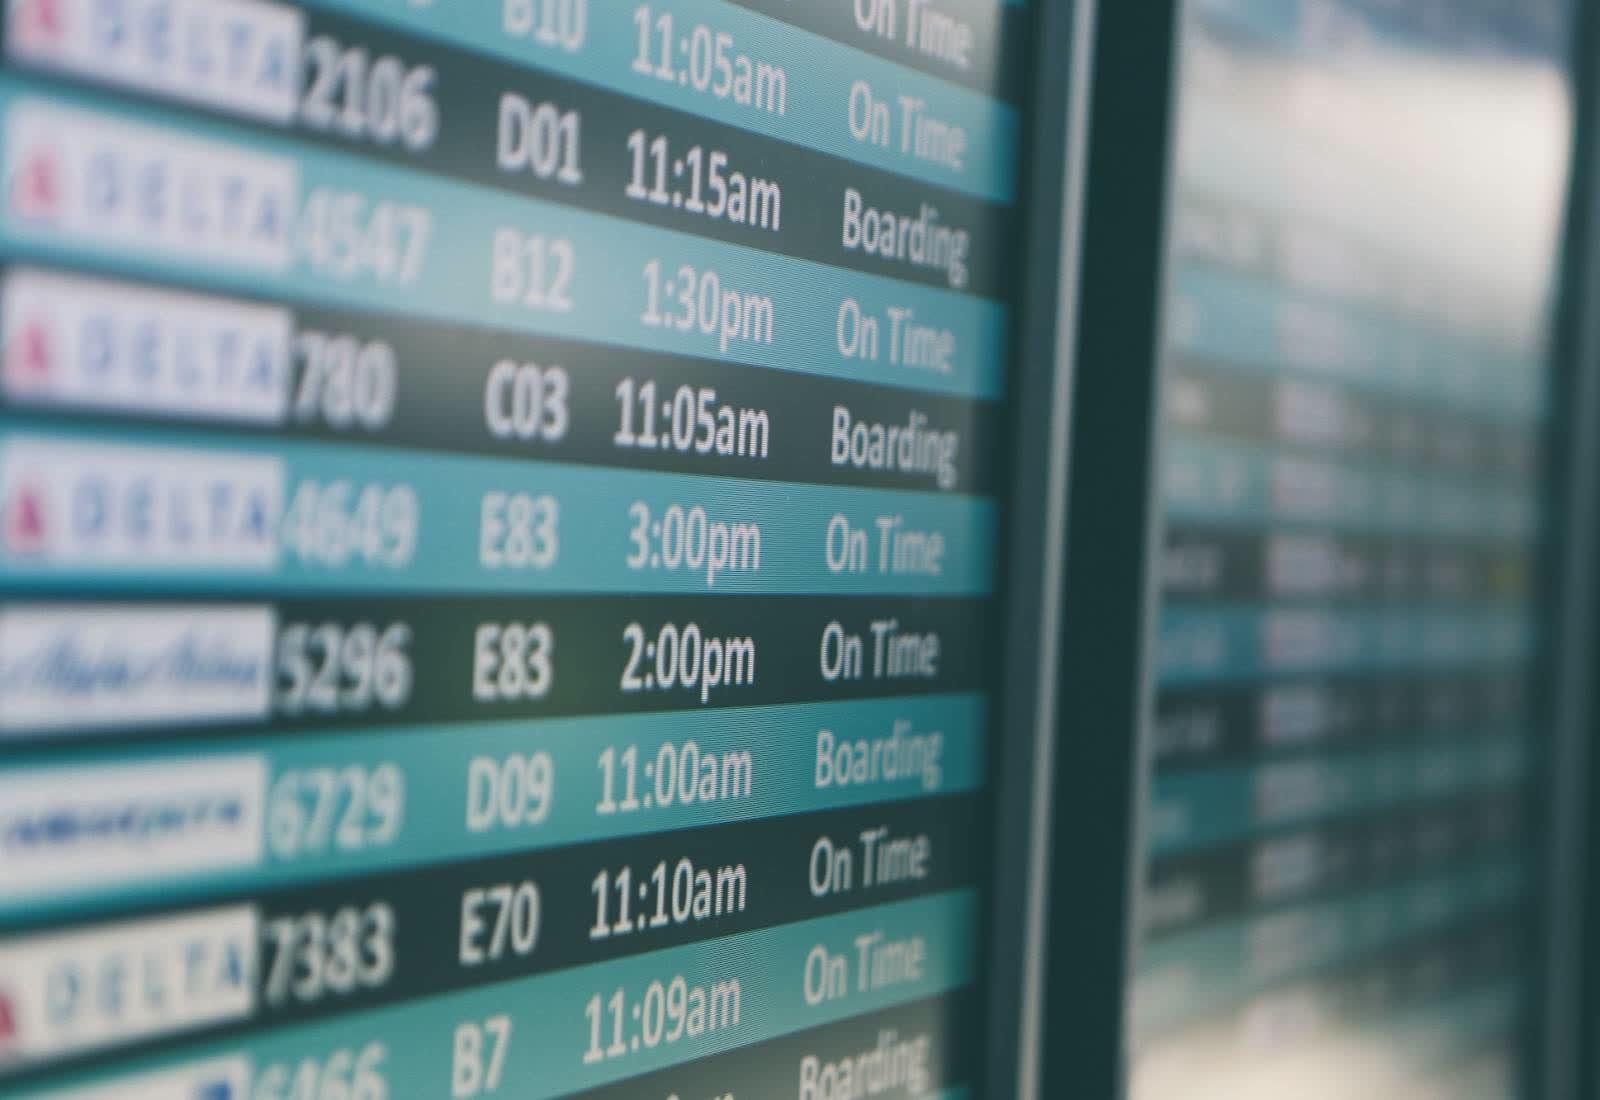 Immagine Prenotare voli dal cellulare: il modo migliore di farlo 1